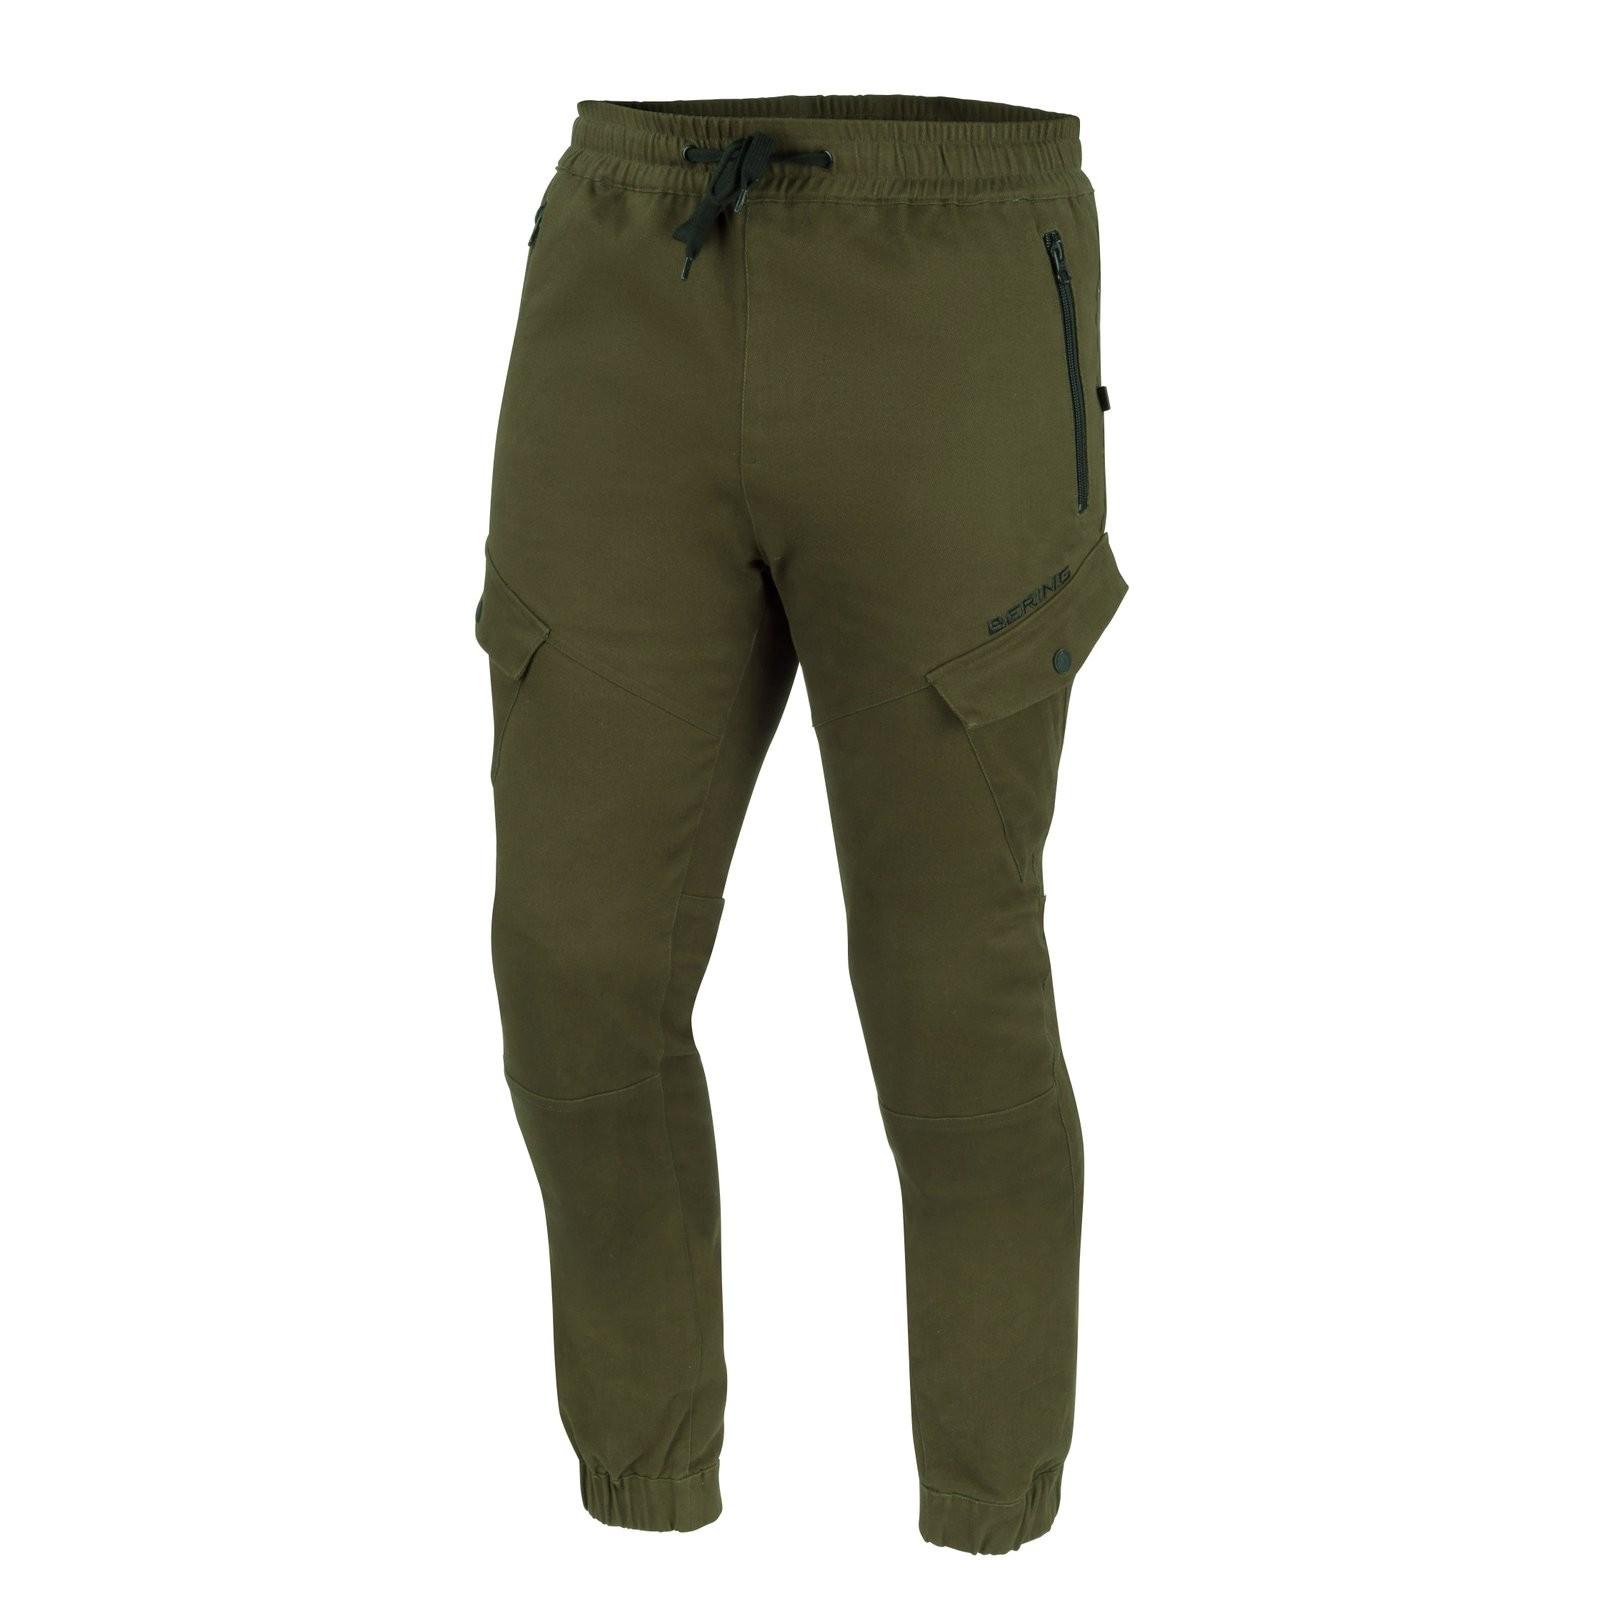 Pantalon RICHIE Kaki / BTP609